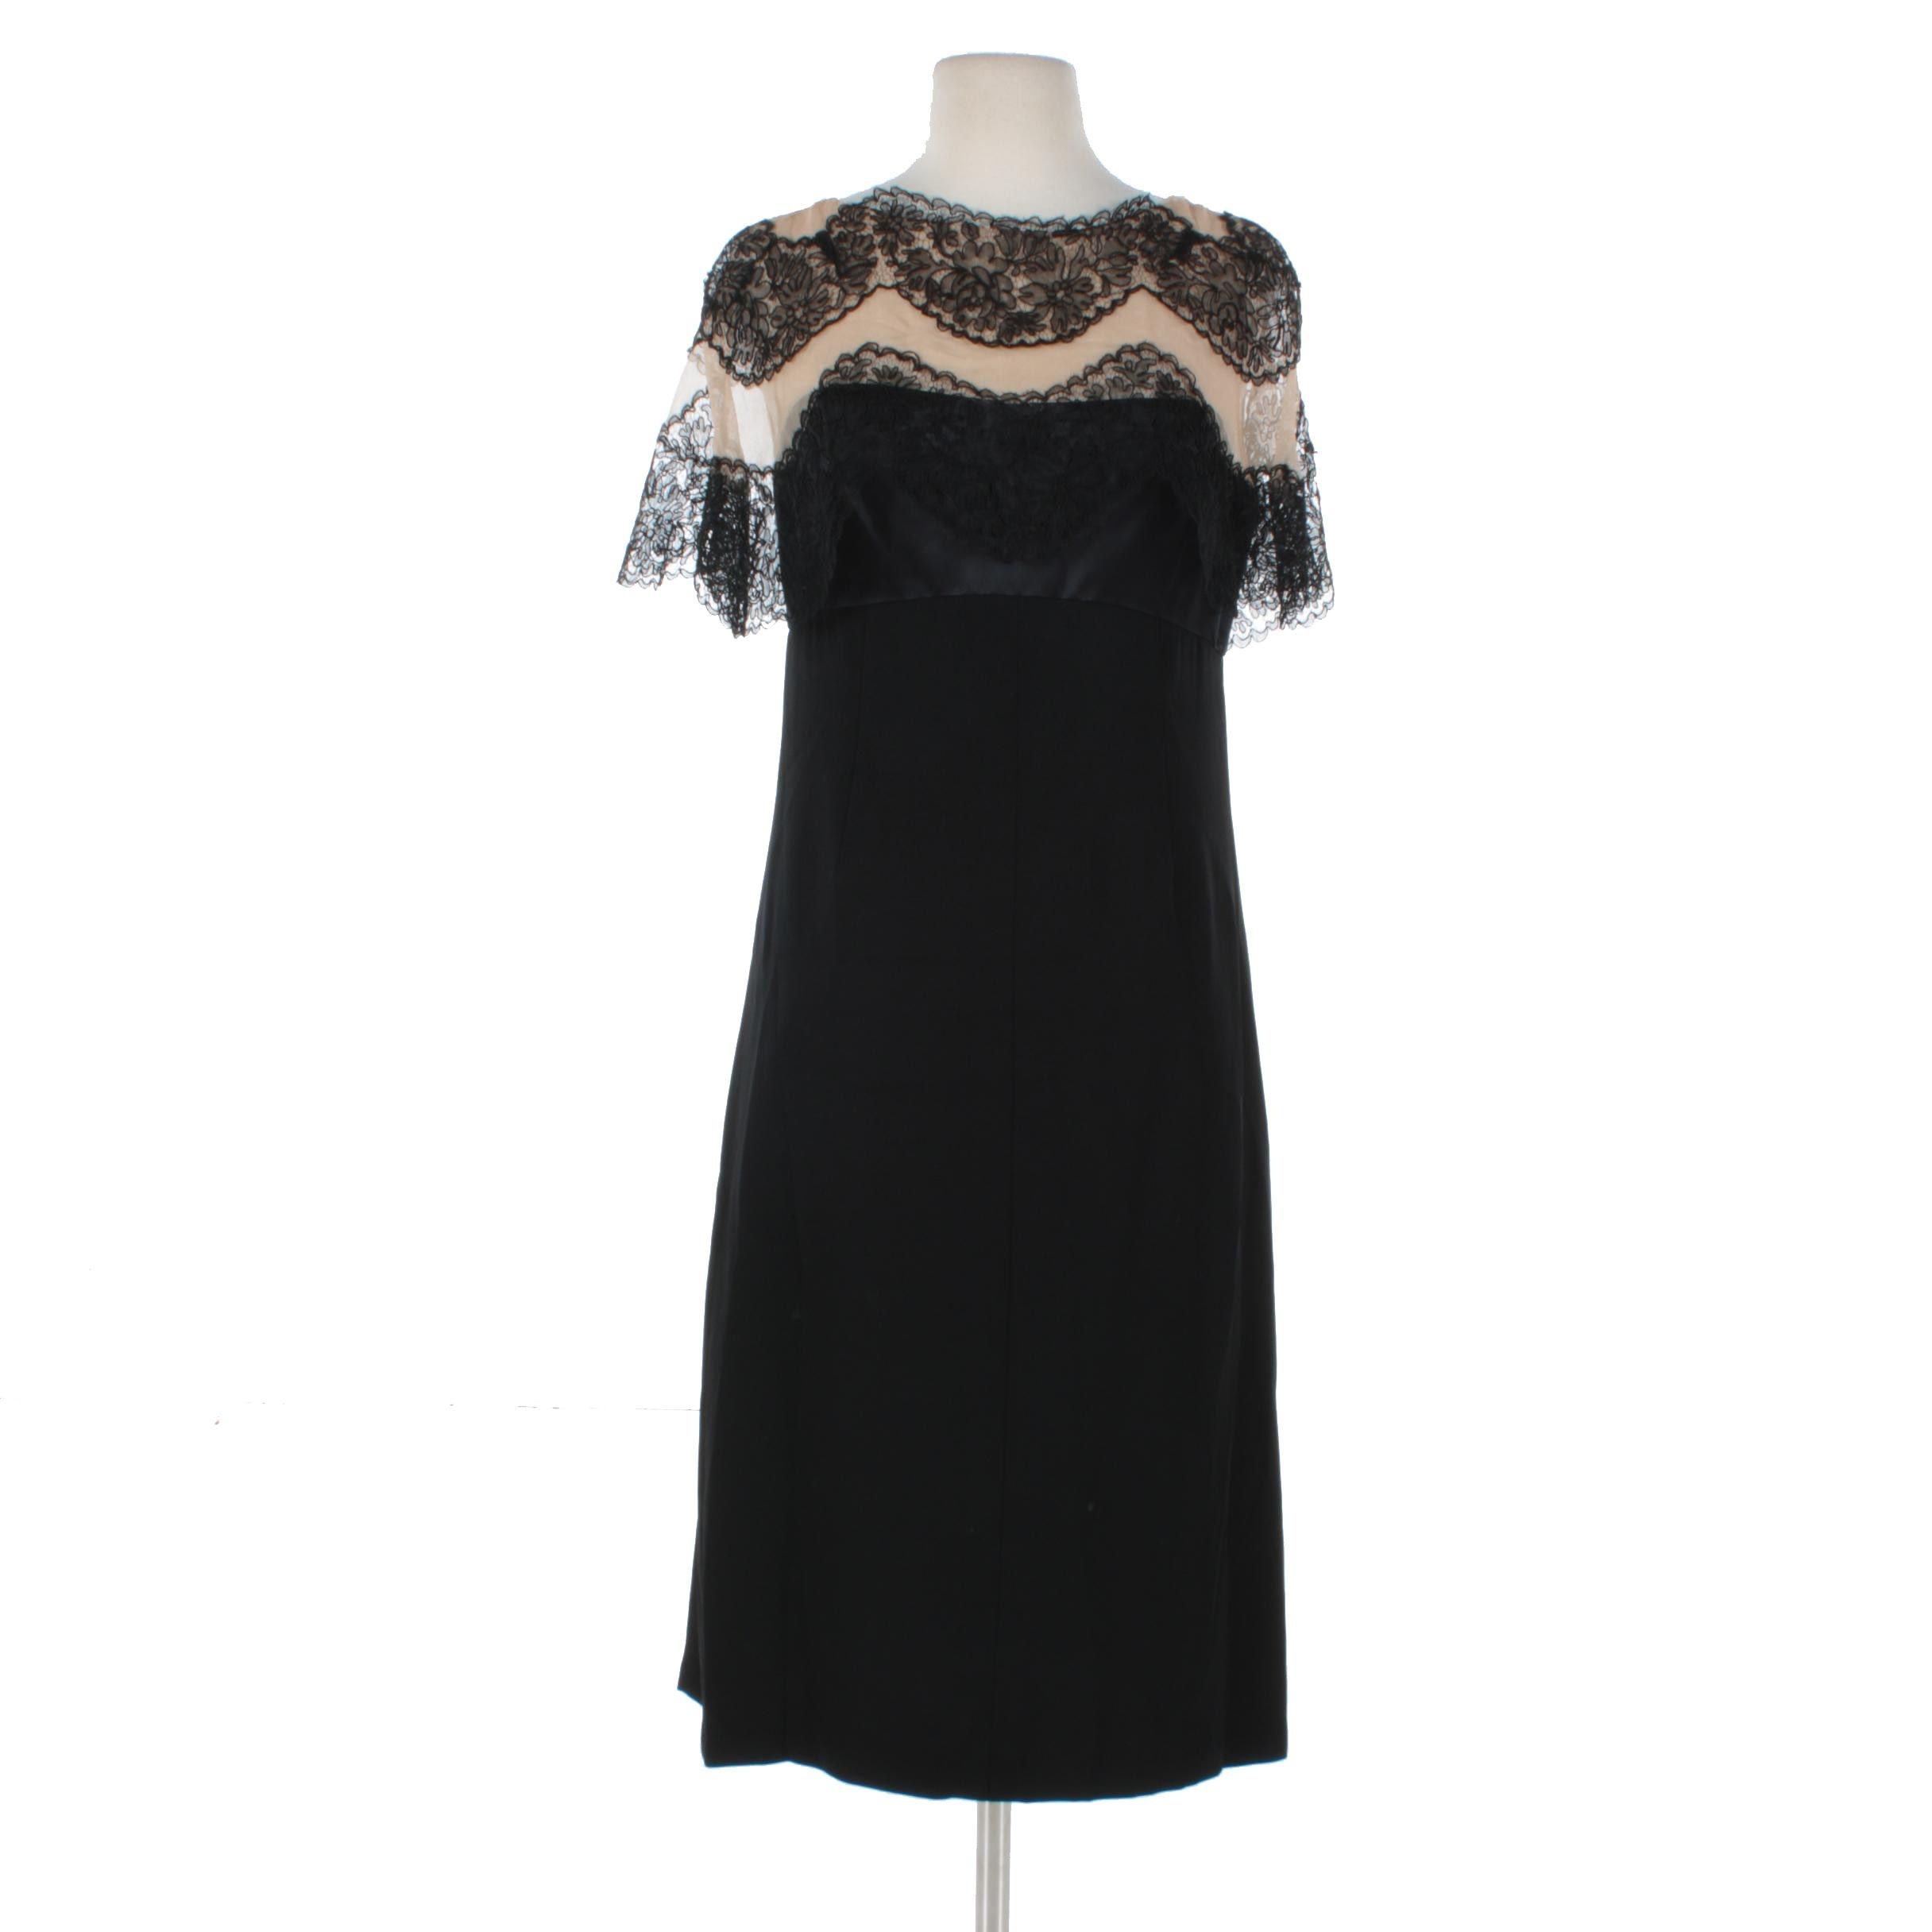 Black Lace Trim Cocktail Dress